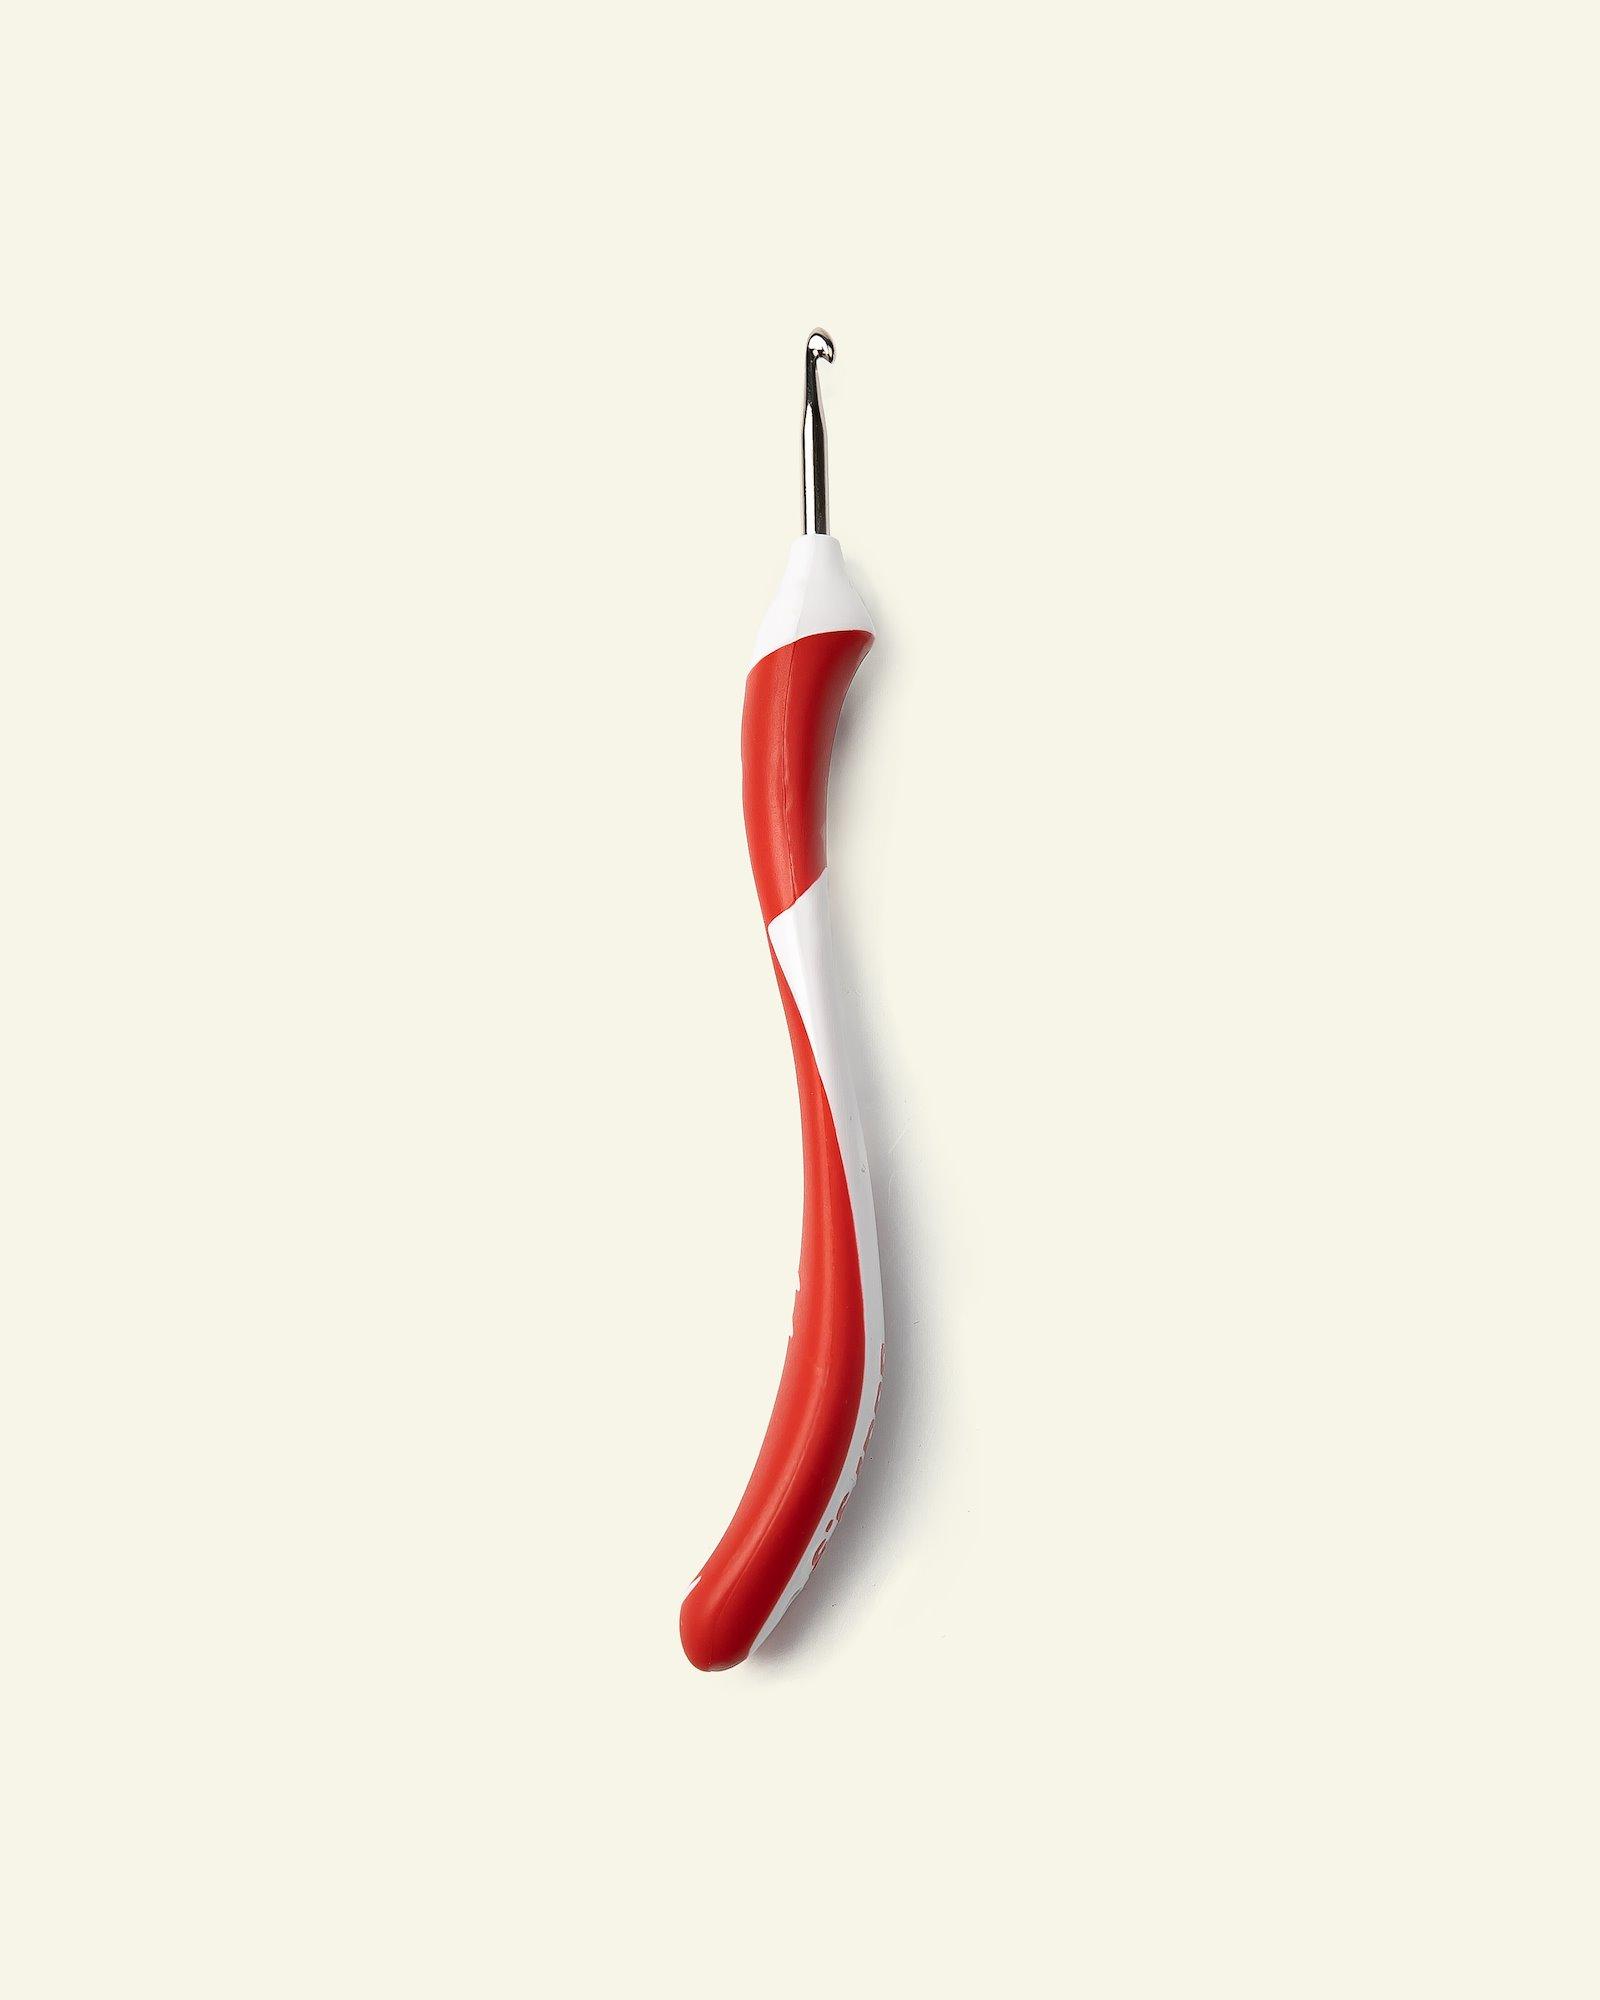 Addi Häkelnadel ergonomish 16cm, 3,5mm